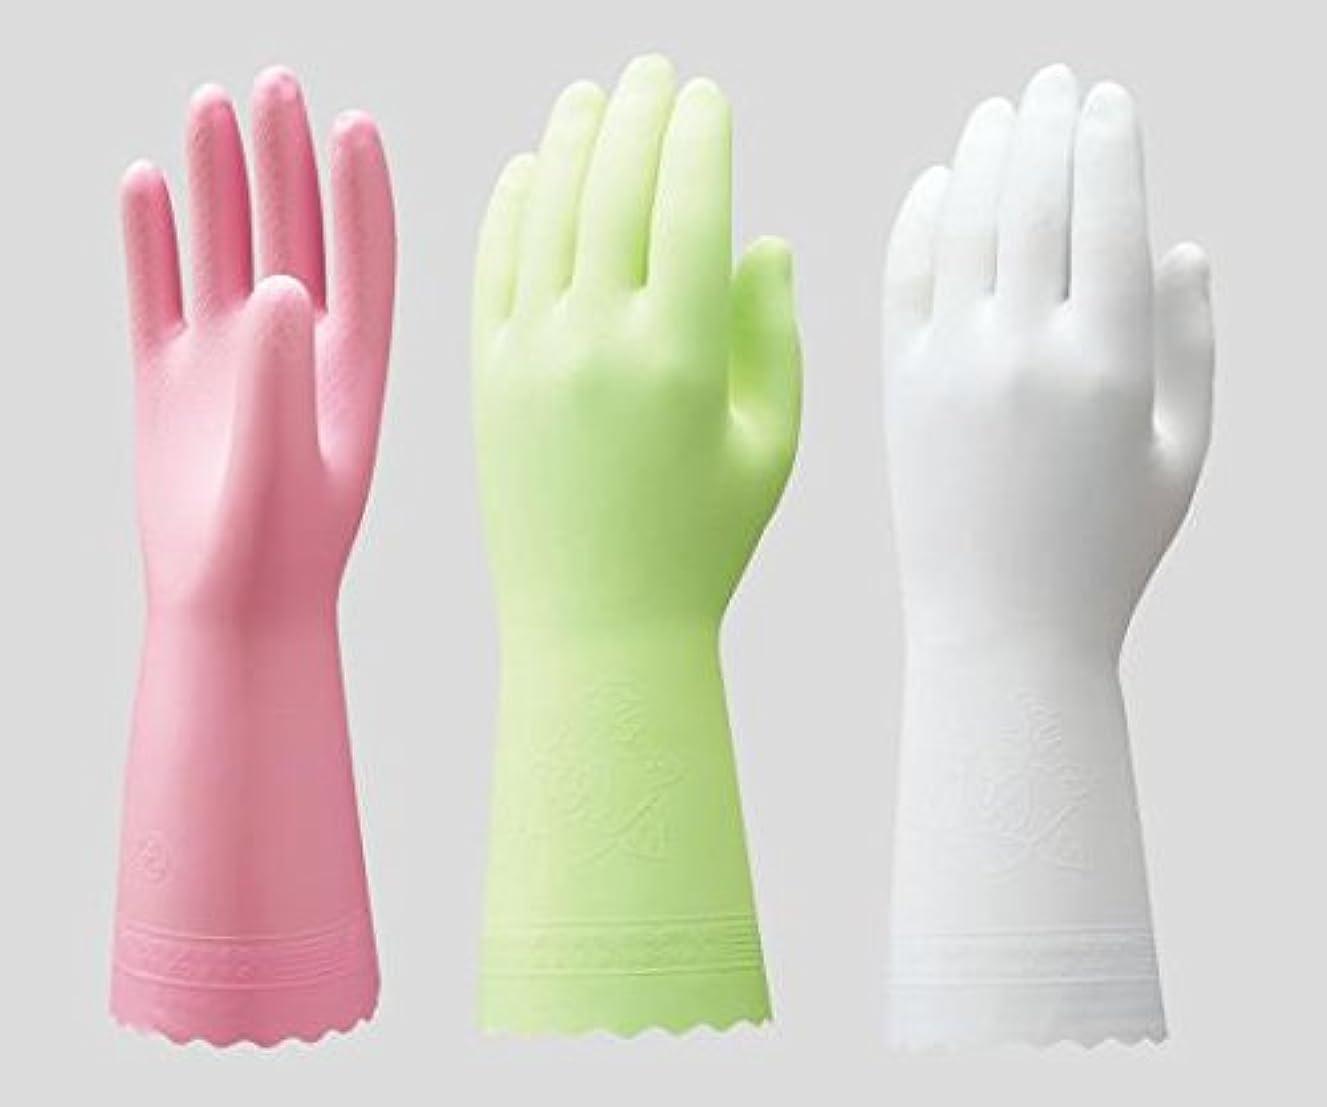 順応性各それぞれショーワグローブ2-9143-05ビニトップ手袋薄手裏毛無ホワイトL